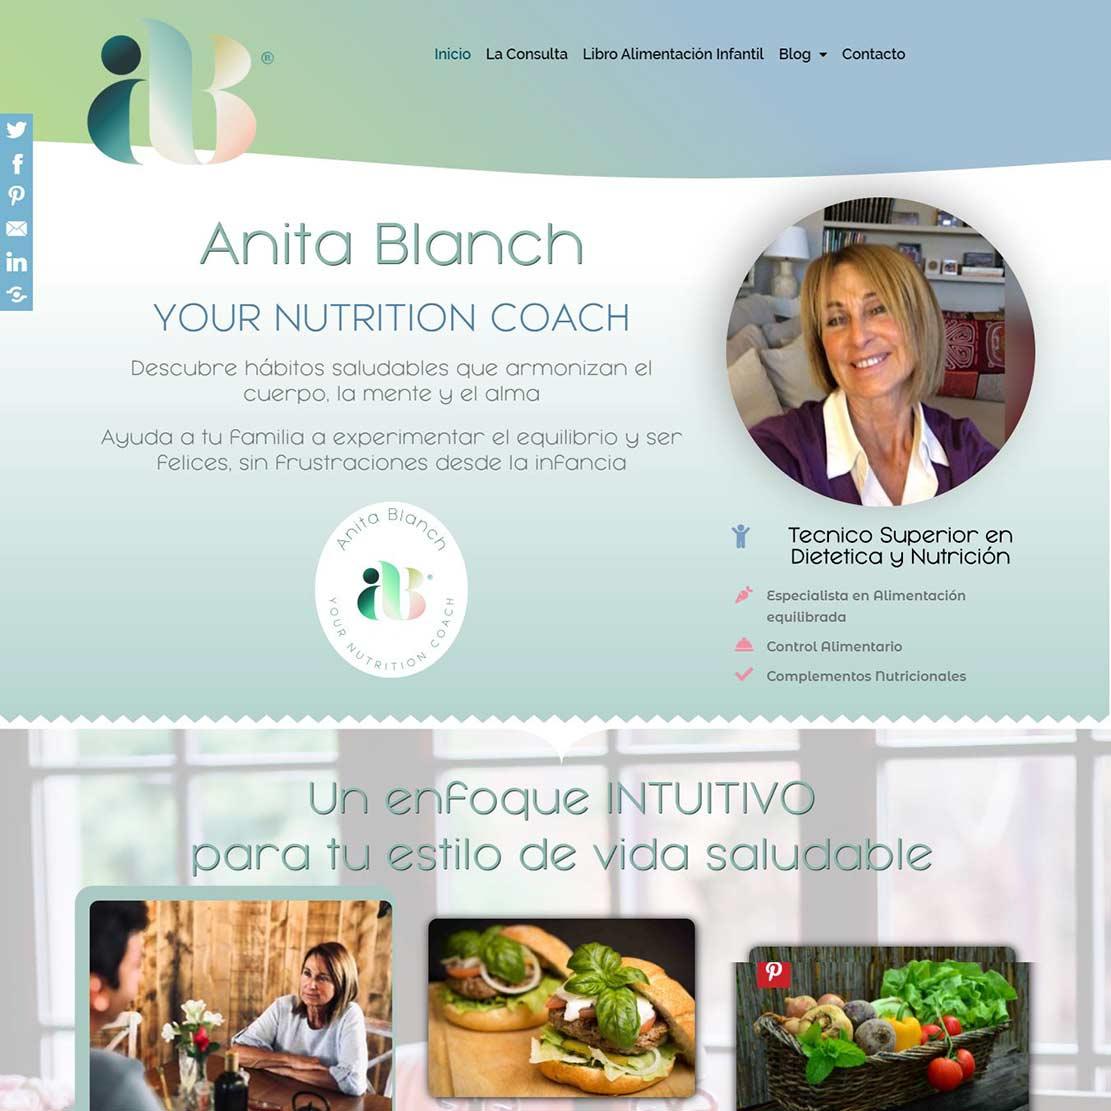 Anita Blanch YOUR NUTRITION COACH Descubre hábitos saludables que armonizan el cuerpo, la mente y el alma